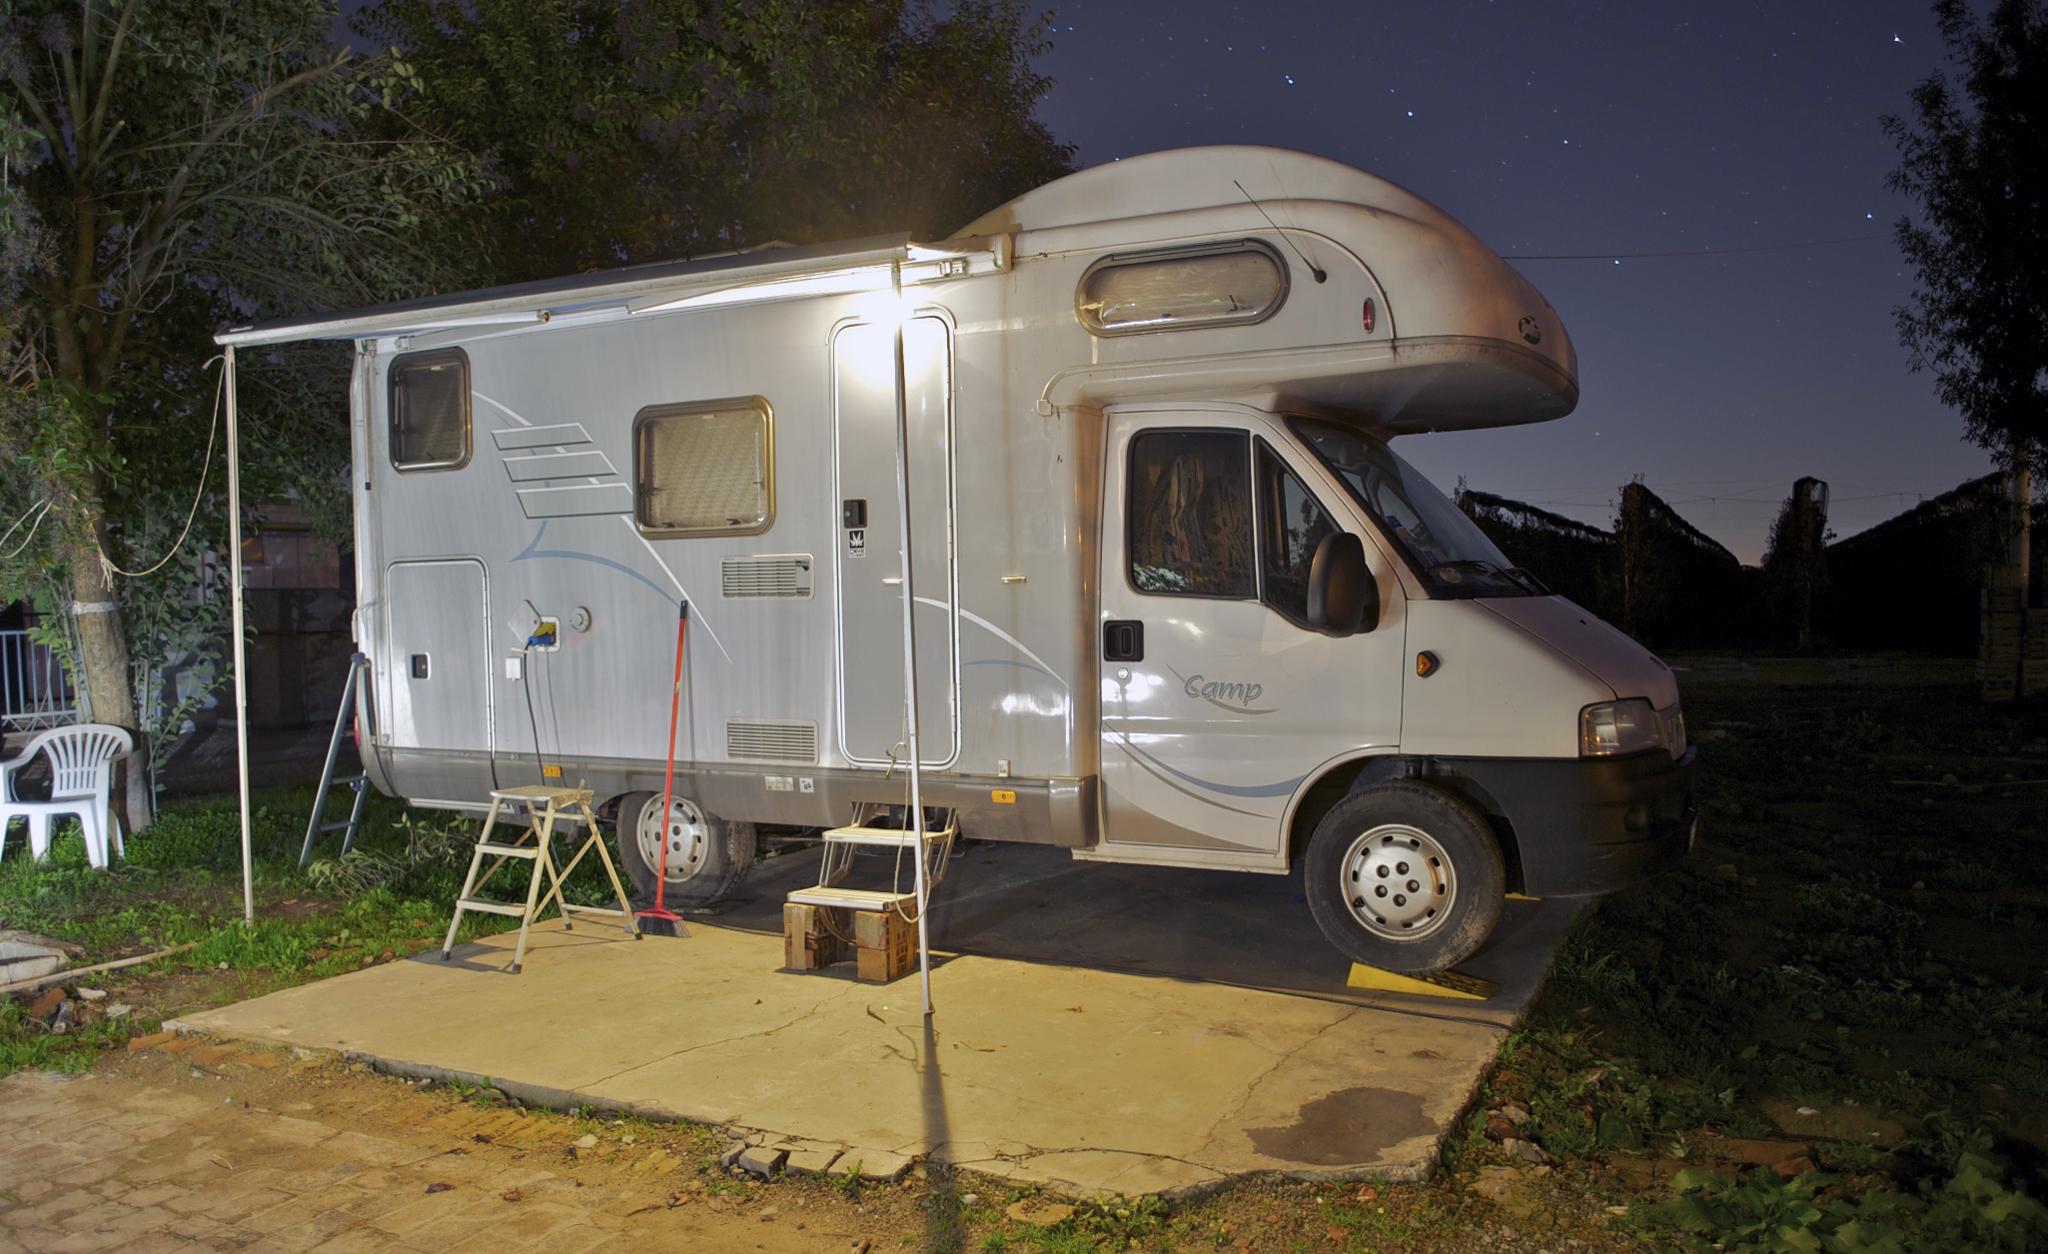 Lorenzo Magnoni's camper